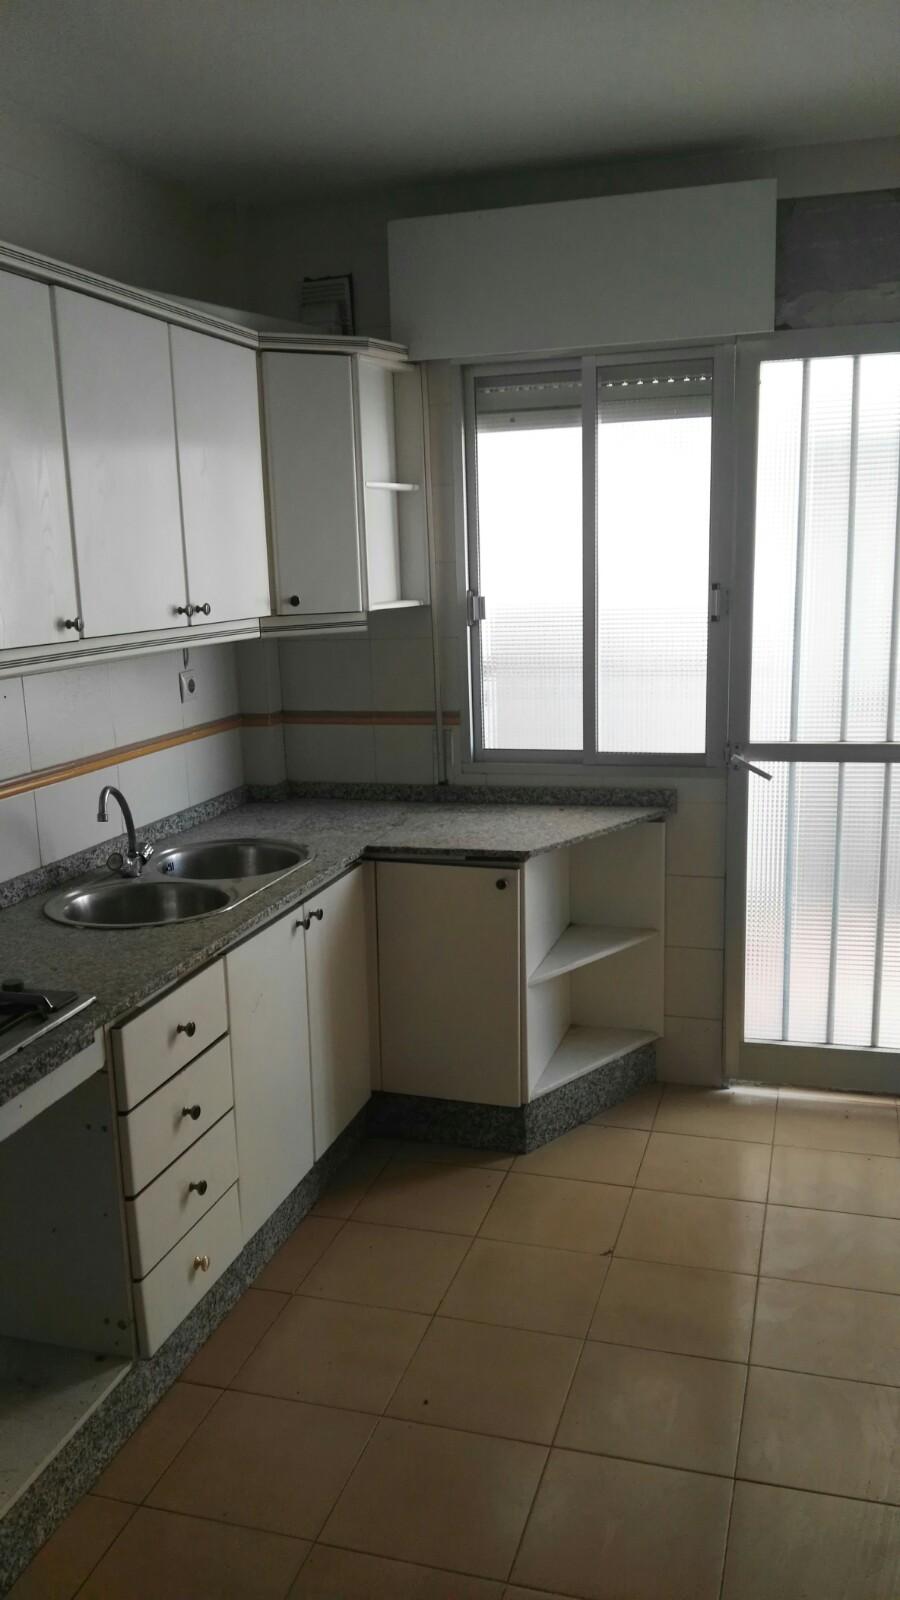 Piso en venta en Encinas Reales, Encinas Reales, Córdoba, Calle Corona, 54.000 €, 3 habitaciones, 2 baños, 109 m2